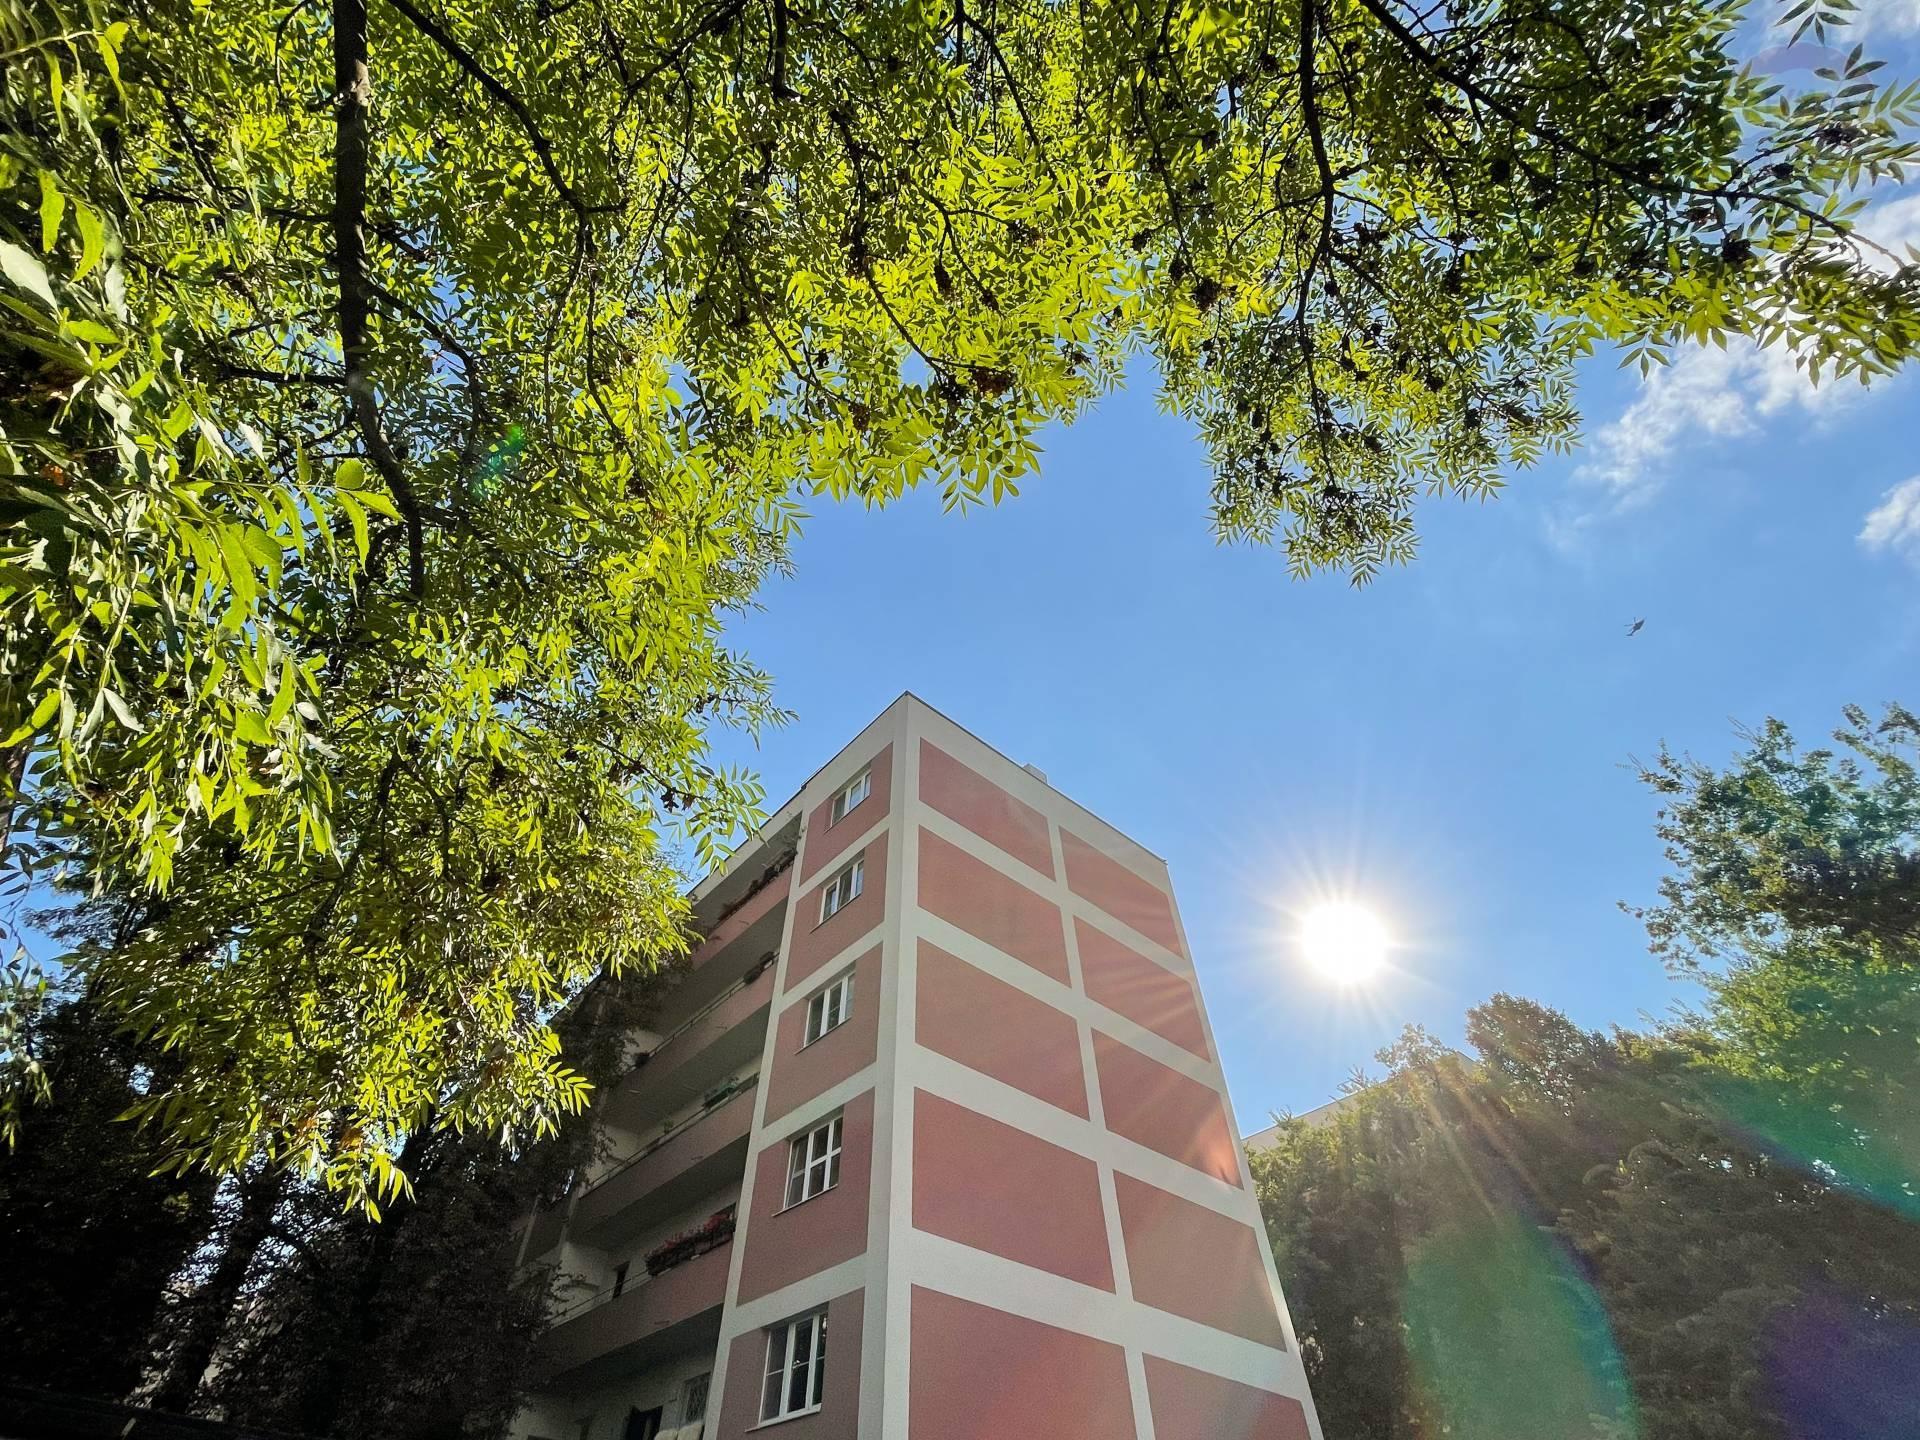 2 - izb byt po KOMPLETNEJ rekonštrukcii v tehlovom bytovom dome - 5 min do centra  - Šancová